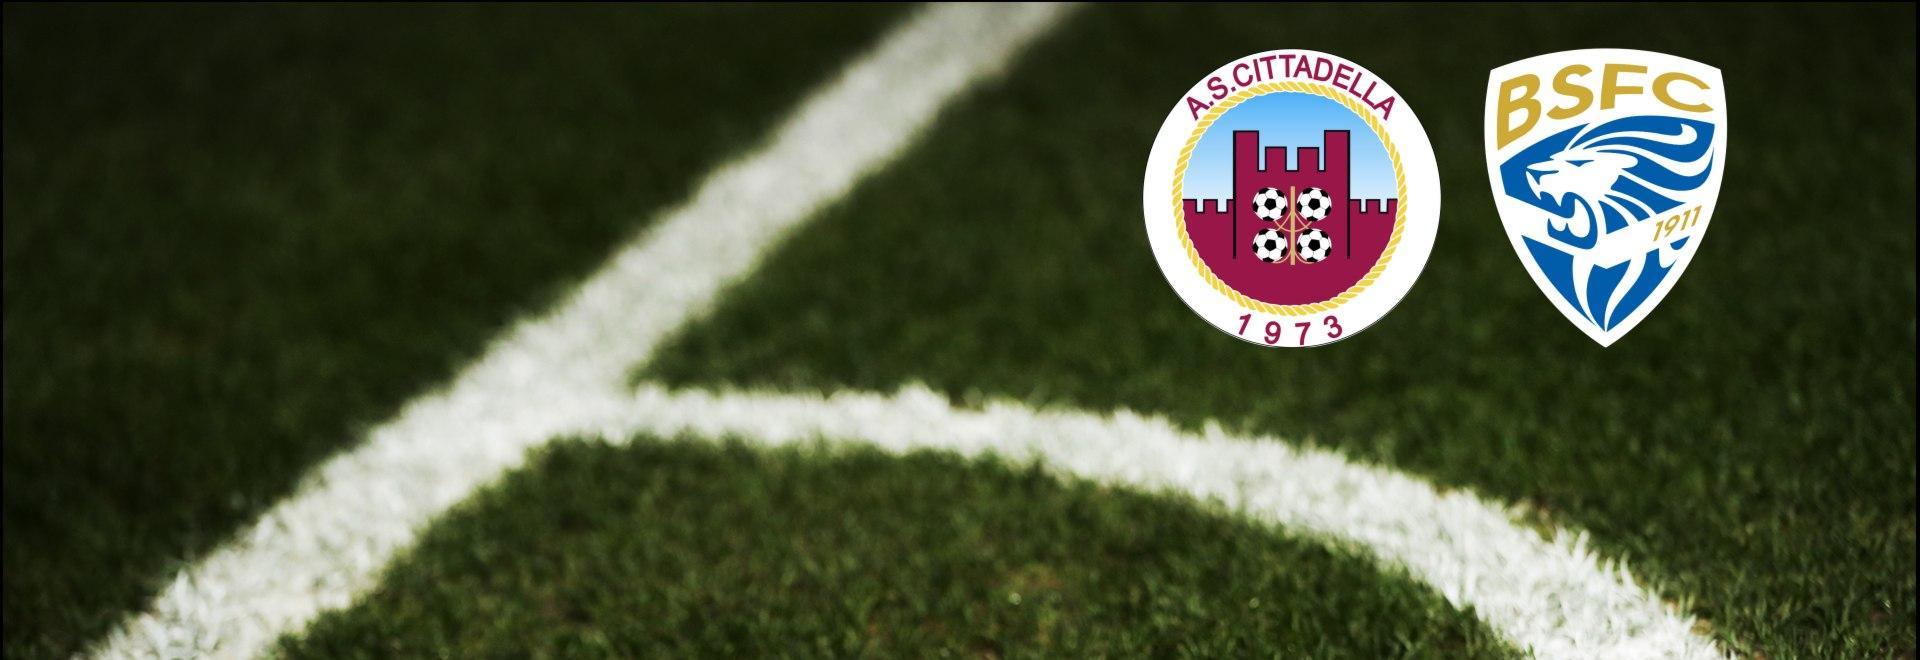 Cittadella - Brescia. Playoff